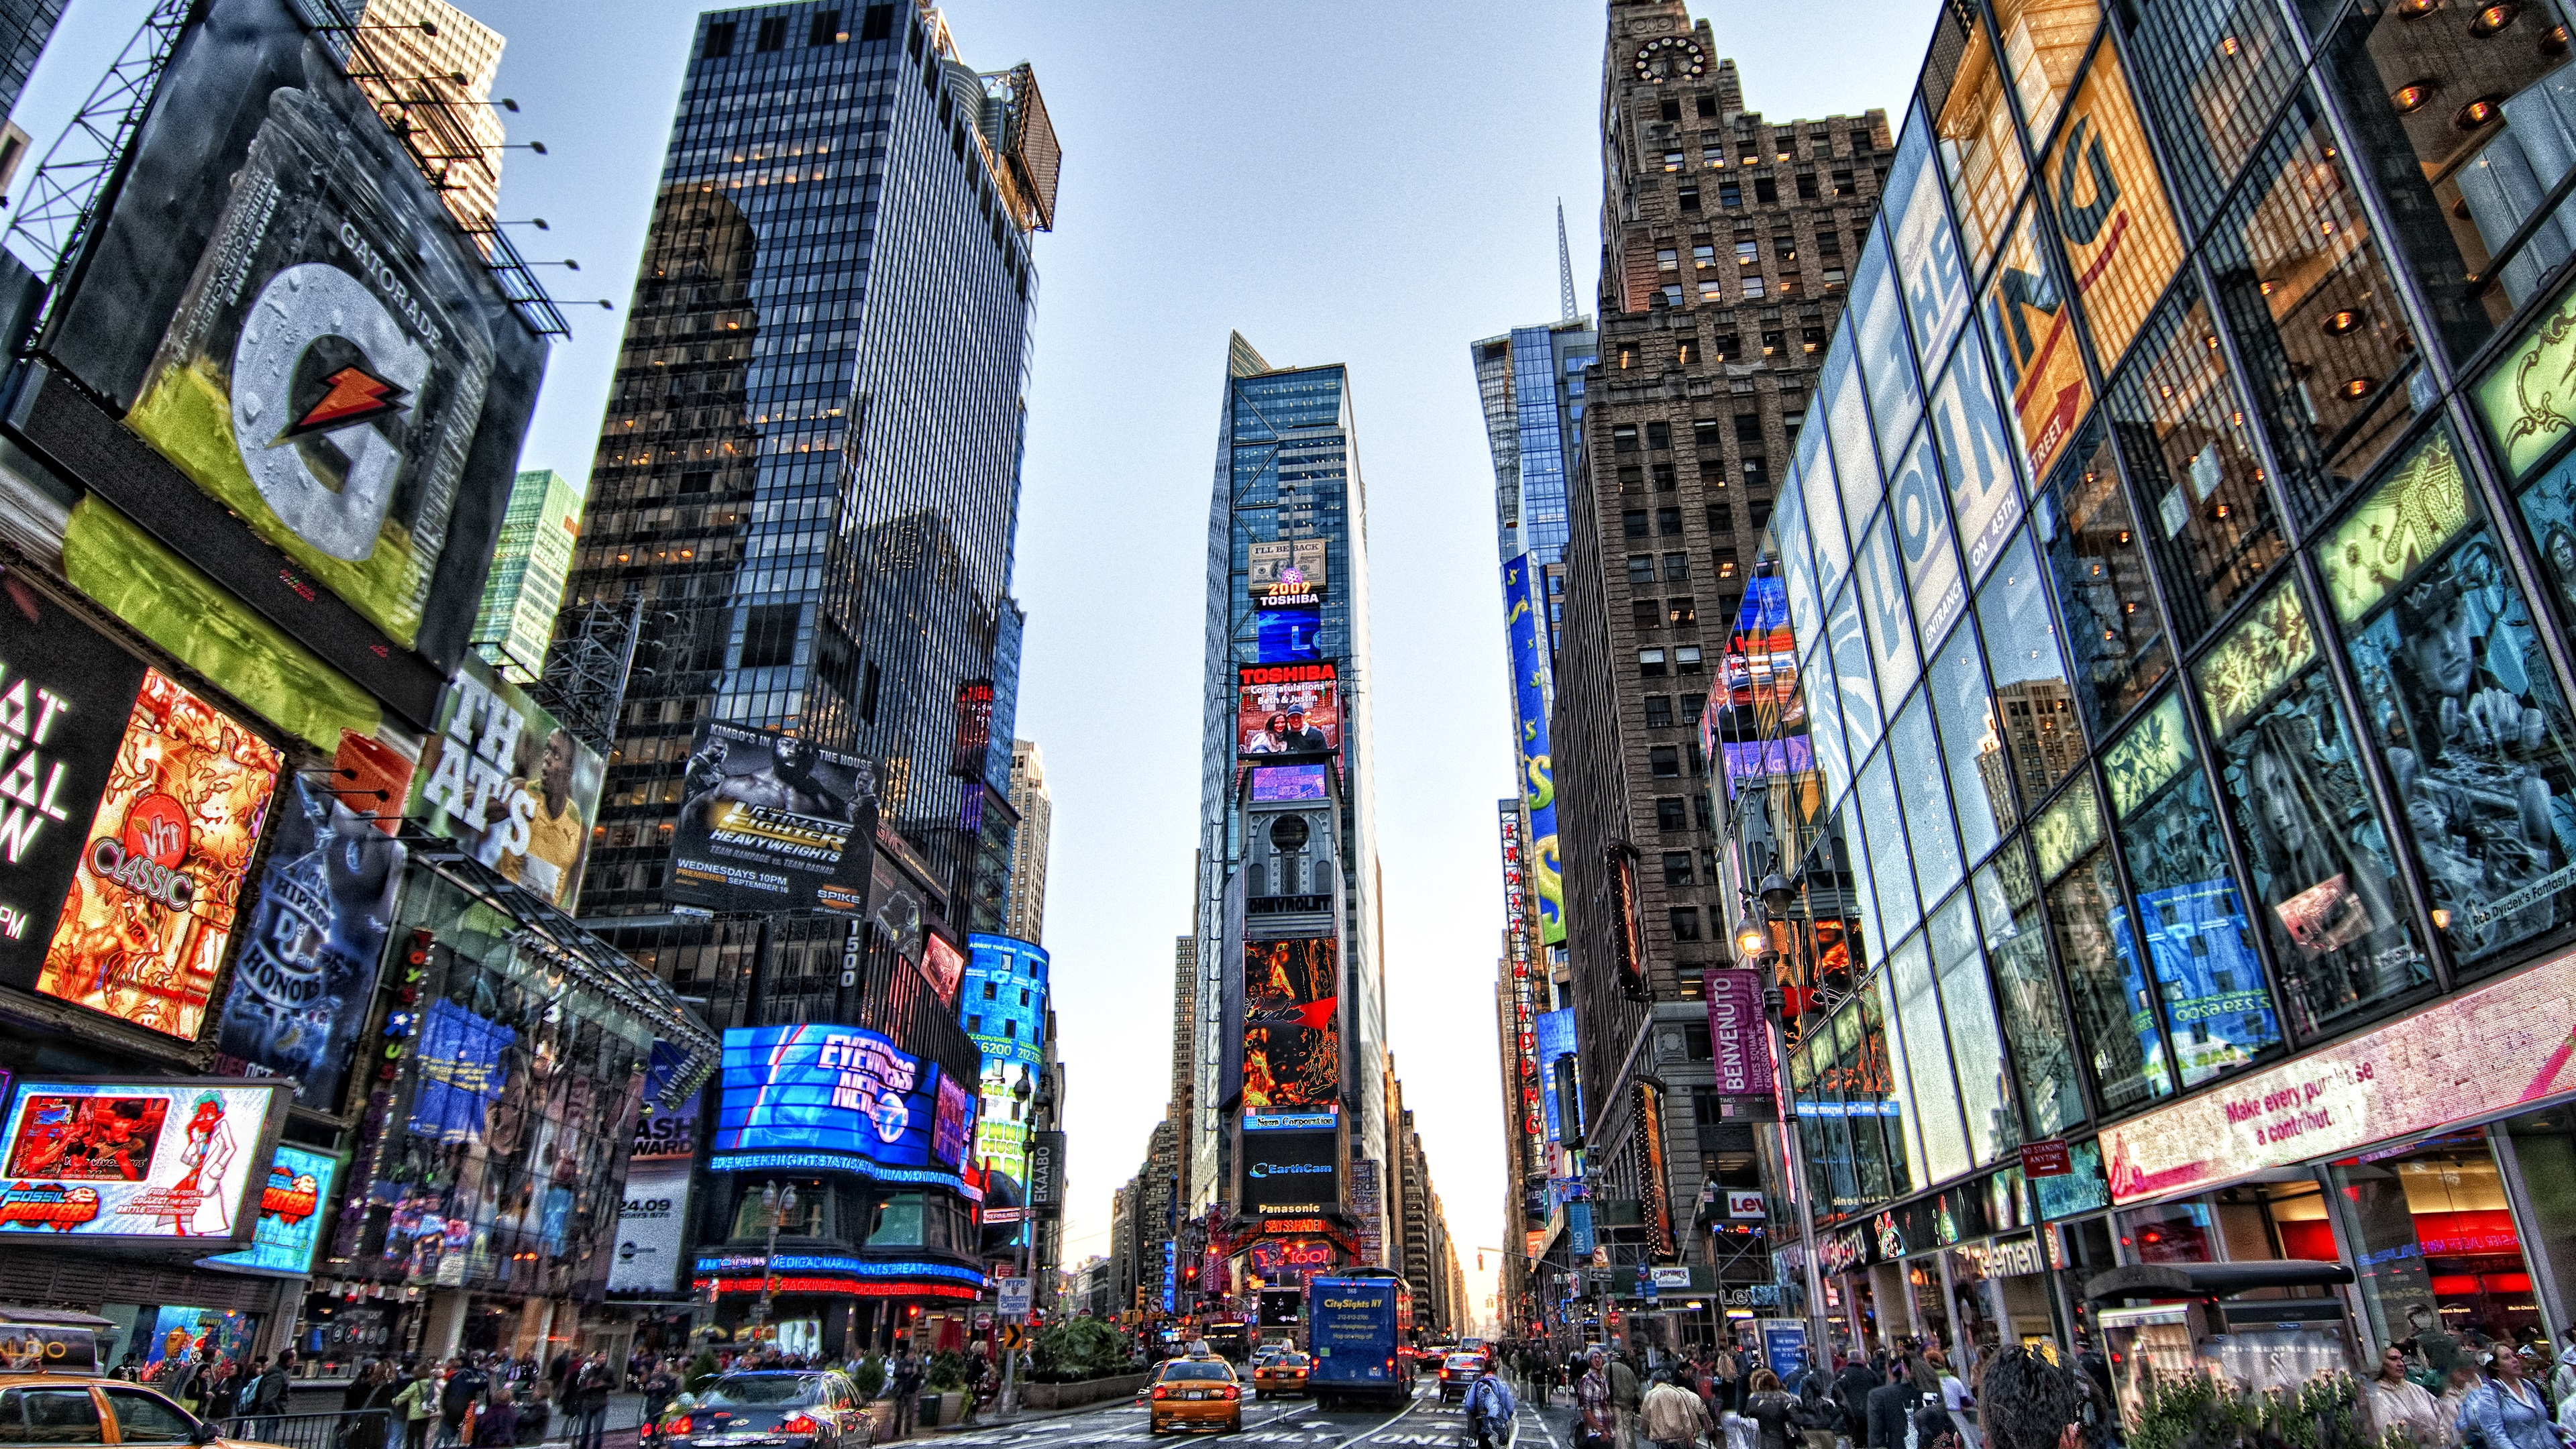 Fondos de pantalla times square nueva york estados unidos vista a la ciudad rascacielos - Times square background ...